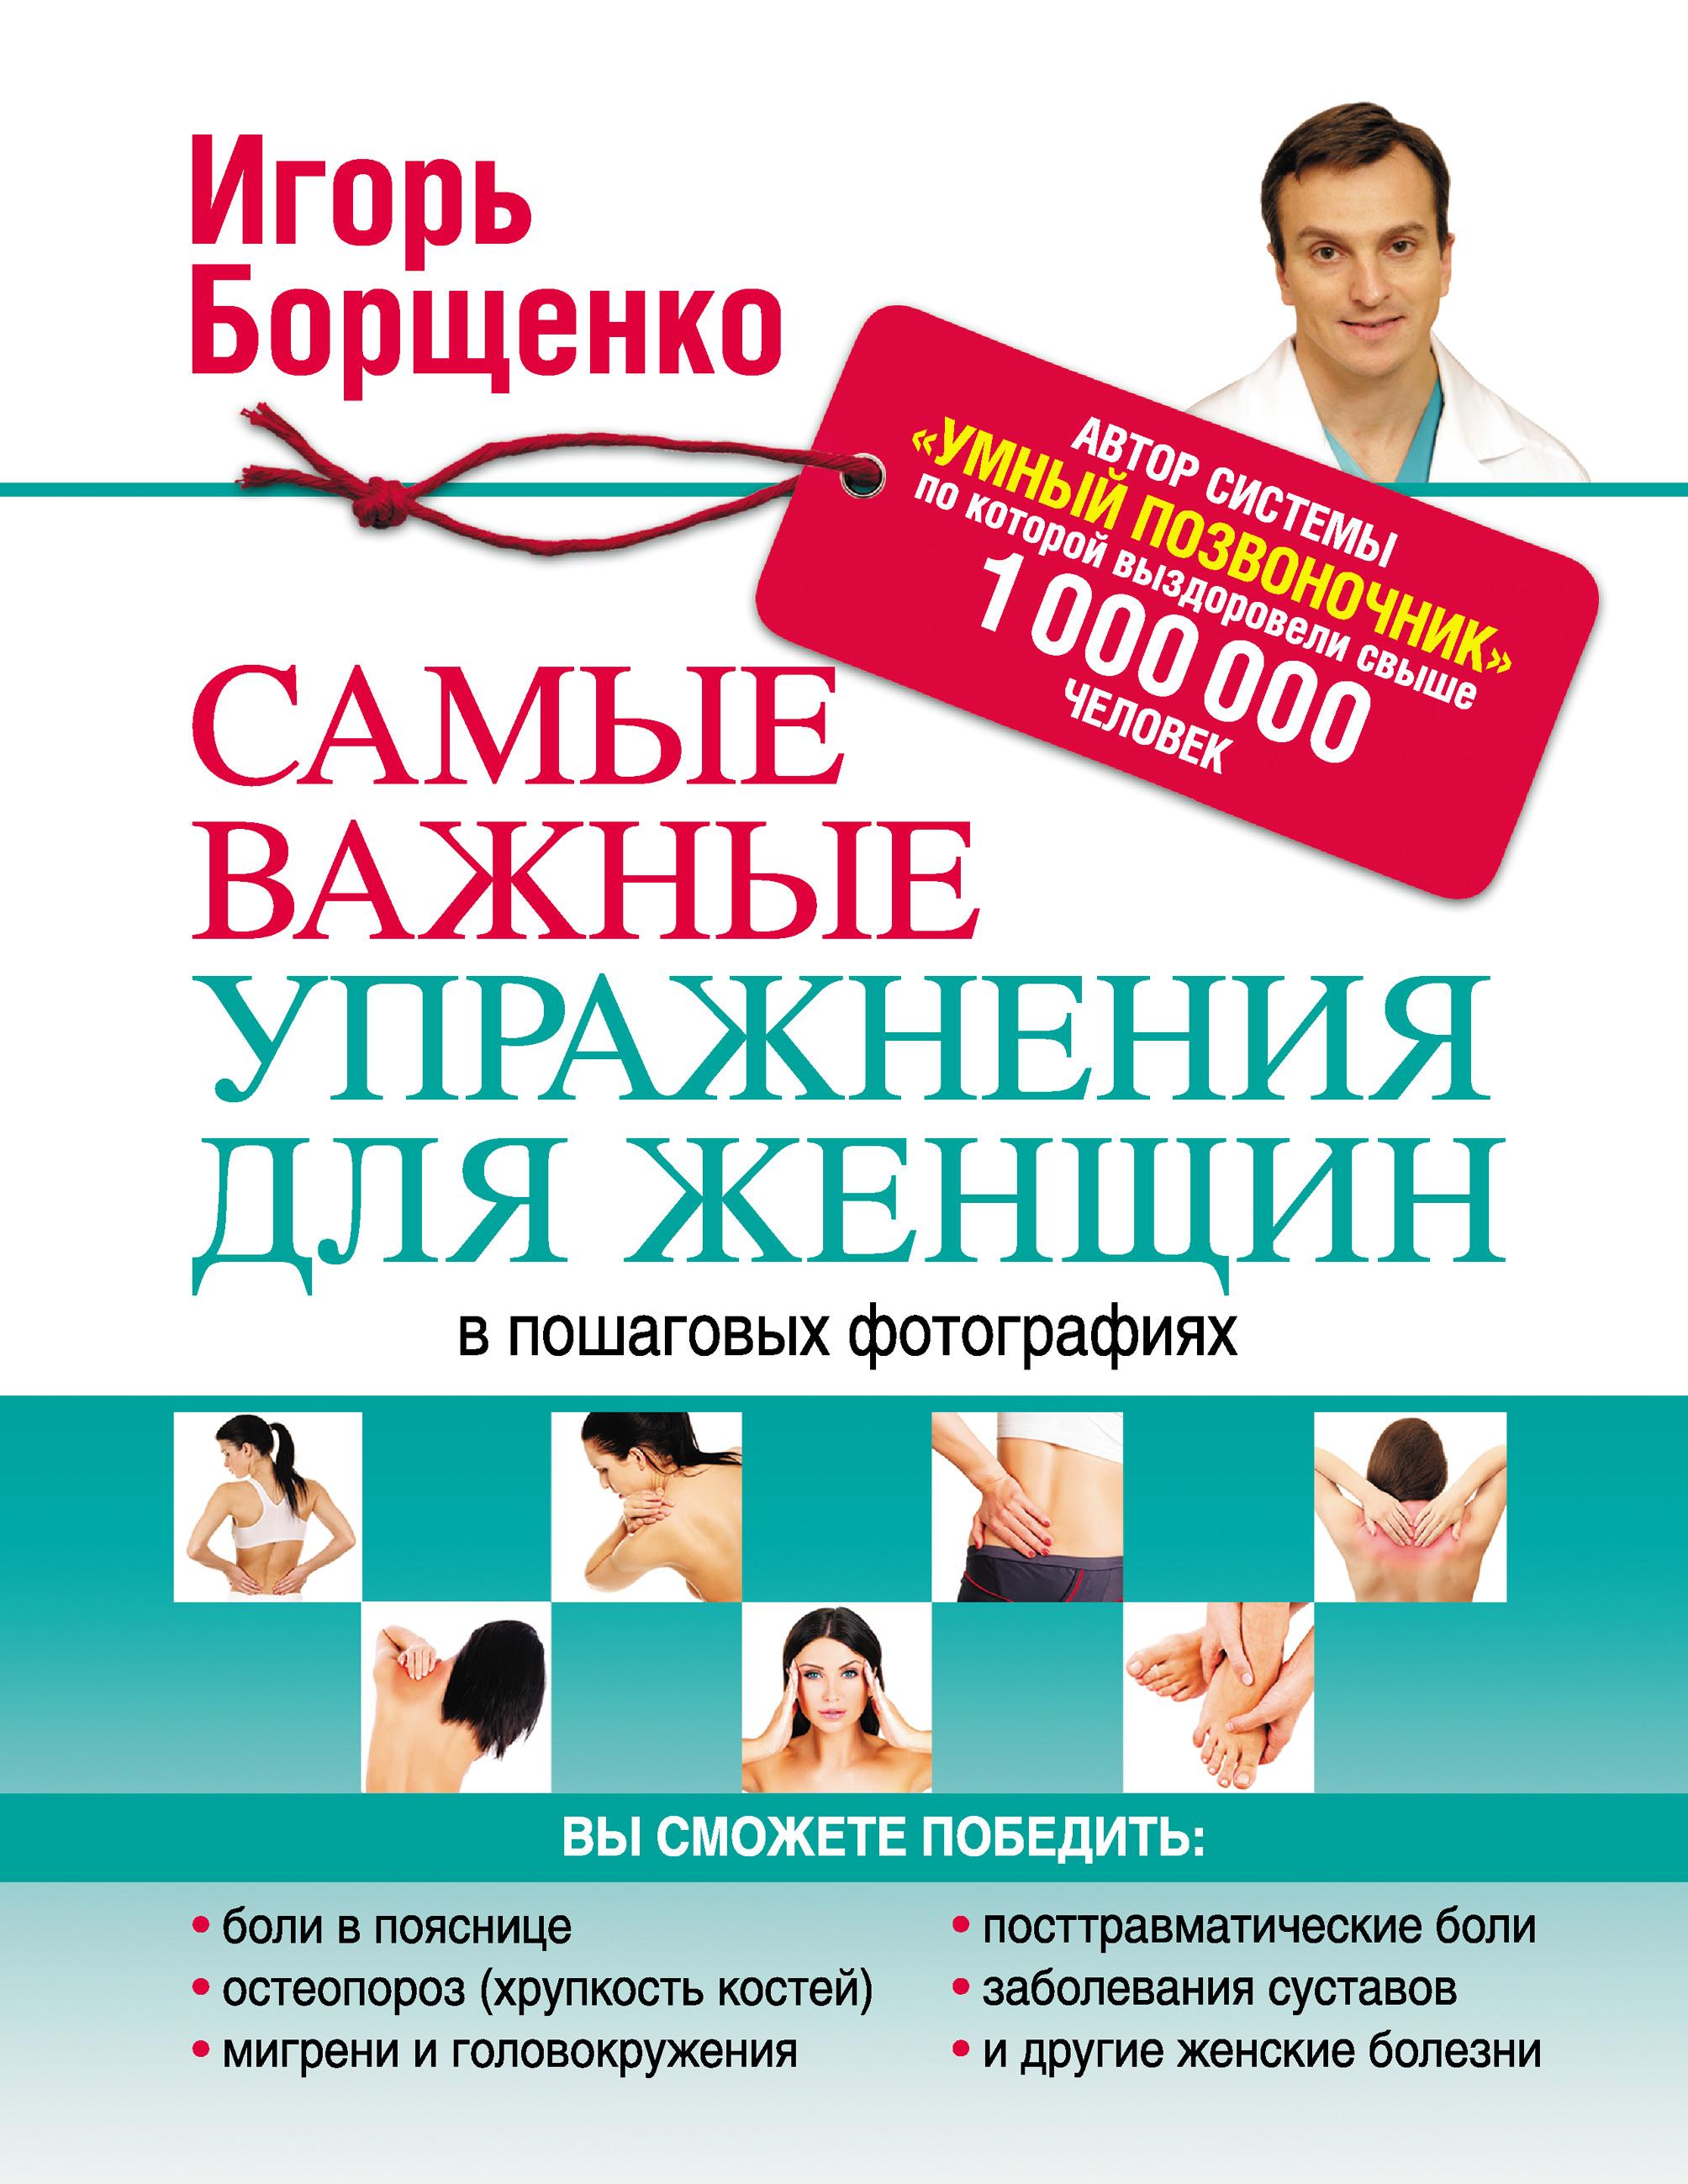 Игорь Борщенко Самые важные упражнения для женщин в пошаговых фотографиях елена шипилова как сделать букеты из конфет в пошаговых фотографиях